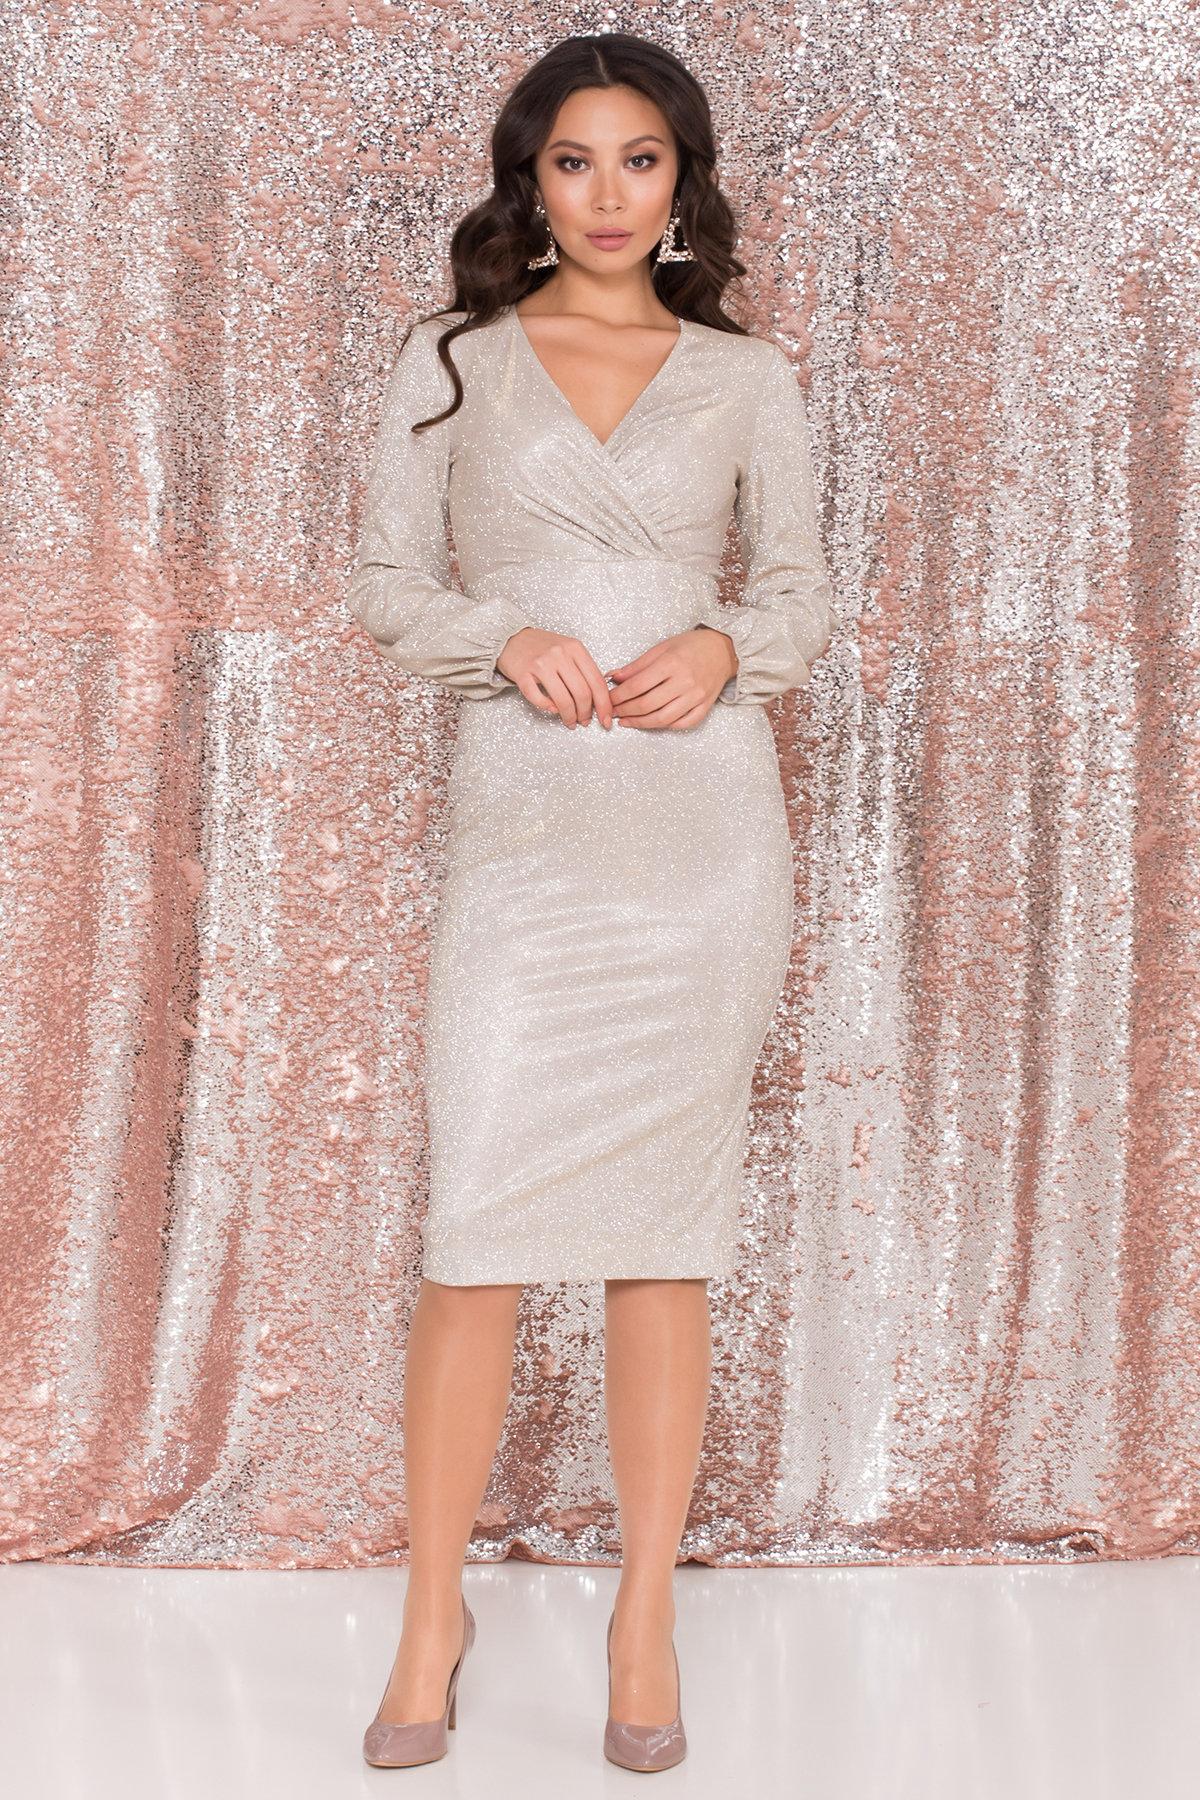 Платья от производителя Нарядное платье с люрексом Фаселис 8527